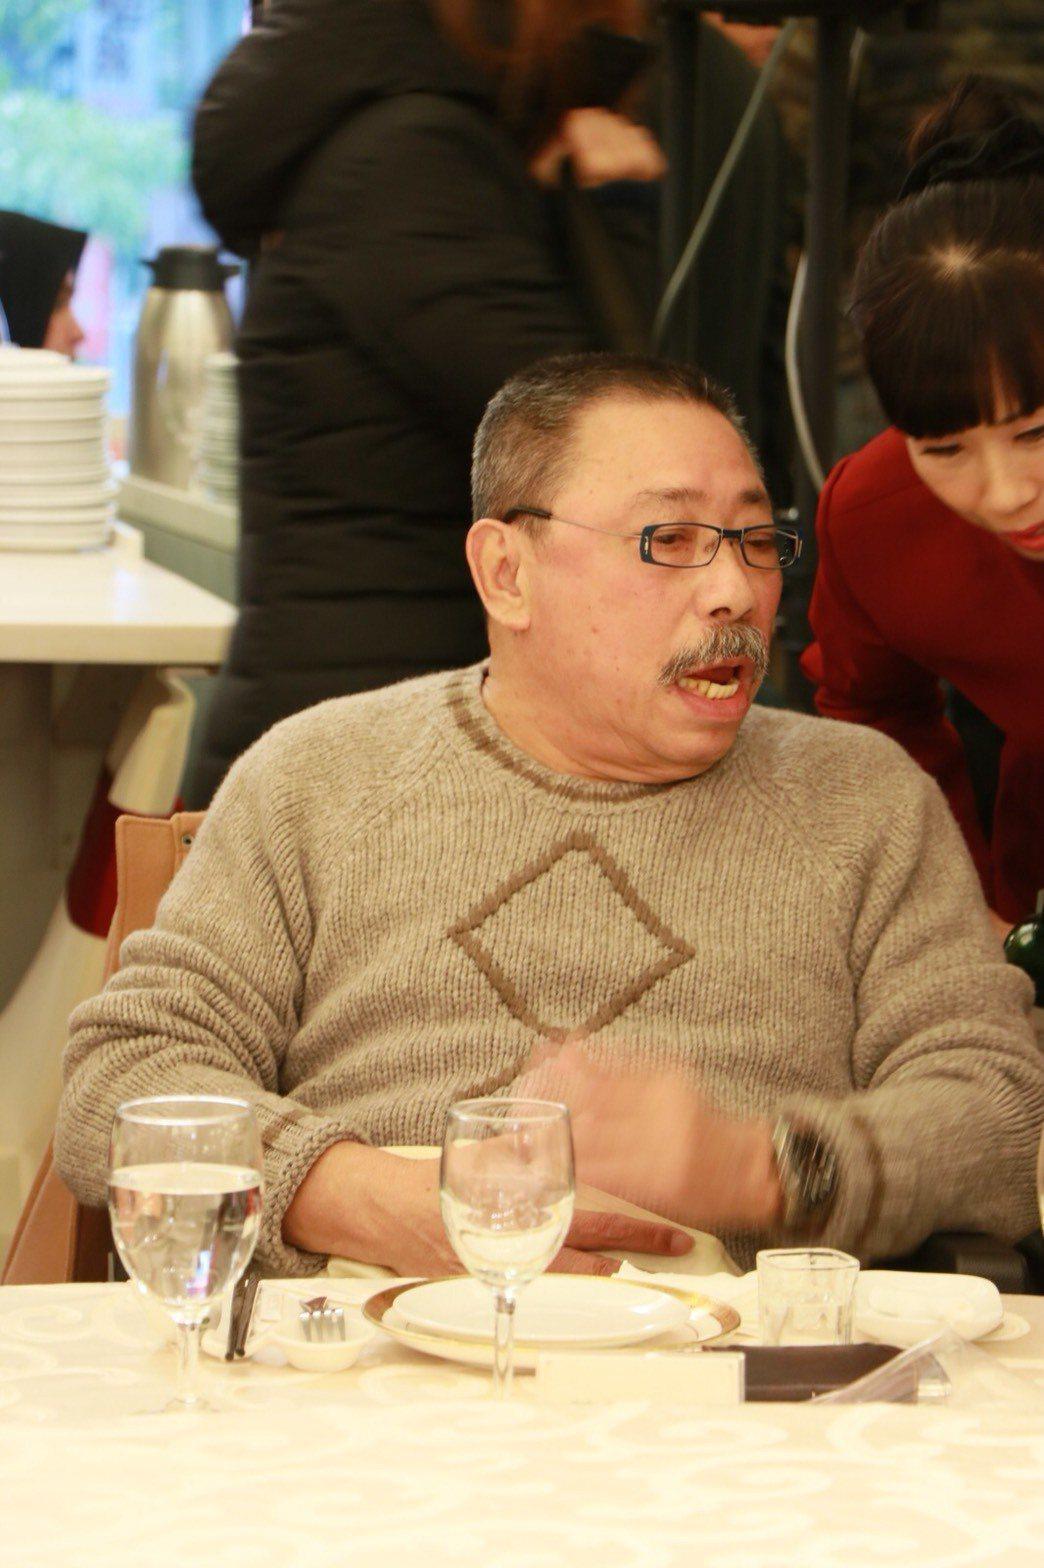 陳松勇出席關懷藝人年終餐會,不改豪爽大哥性格,嗆酸周遊、李朝永夫婦。圖/中視提供